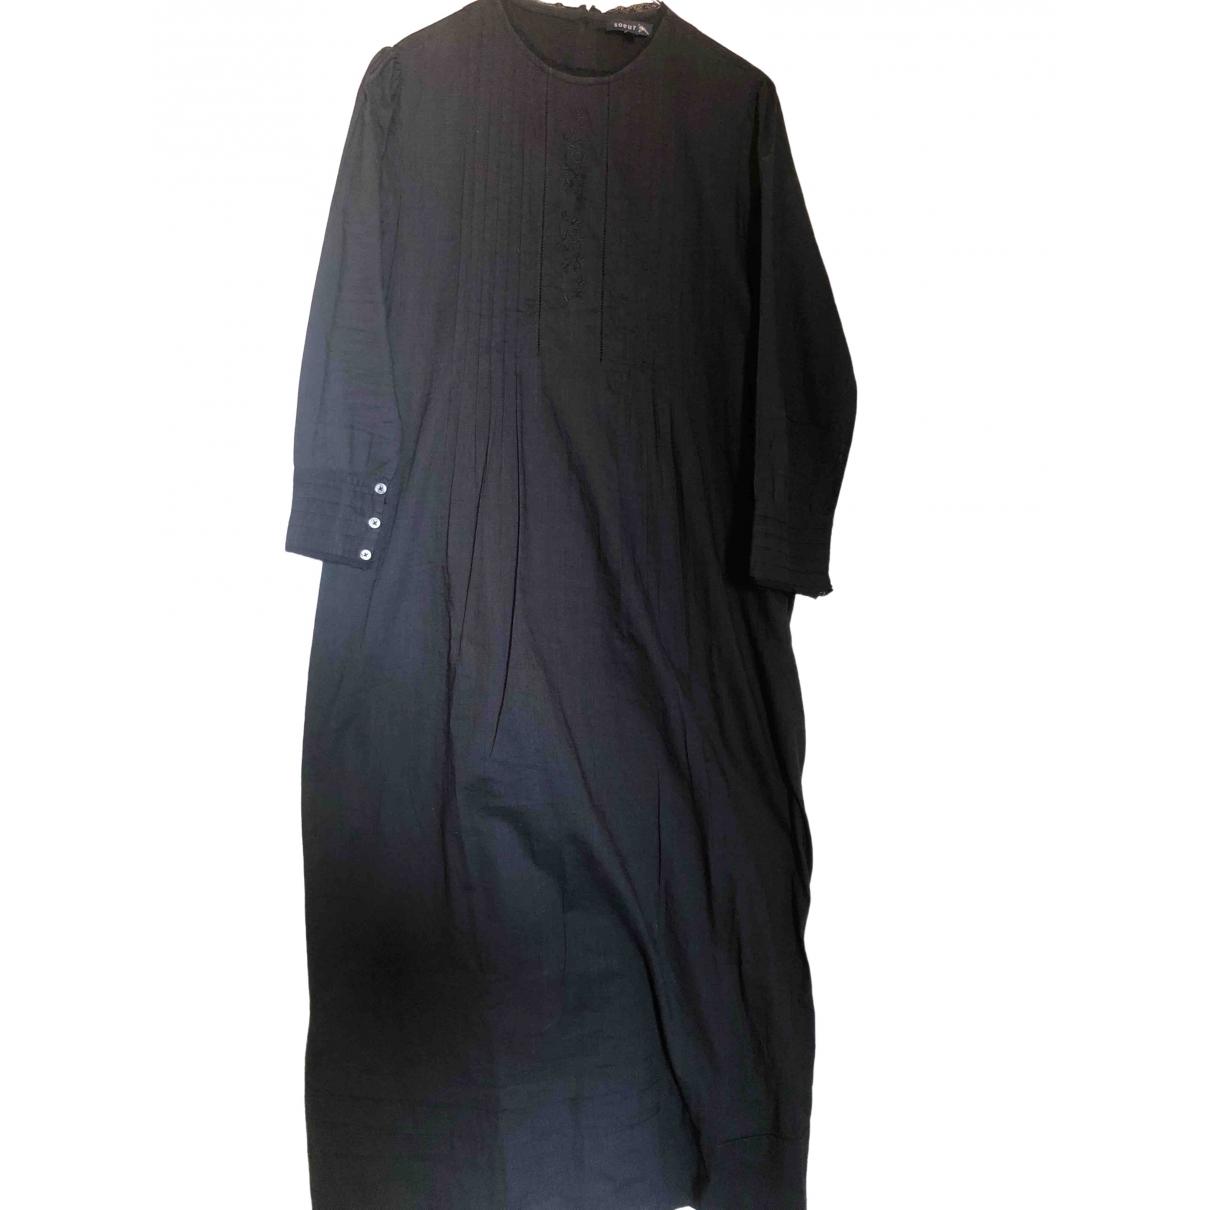 Soeur \N Kleid in  Schwarz Baumwolle